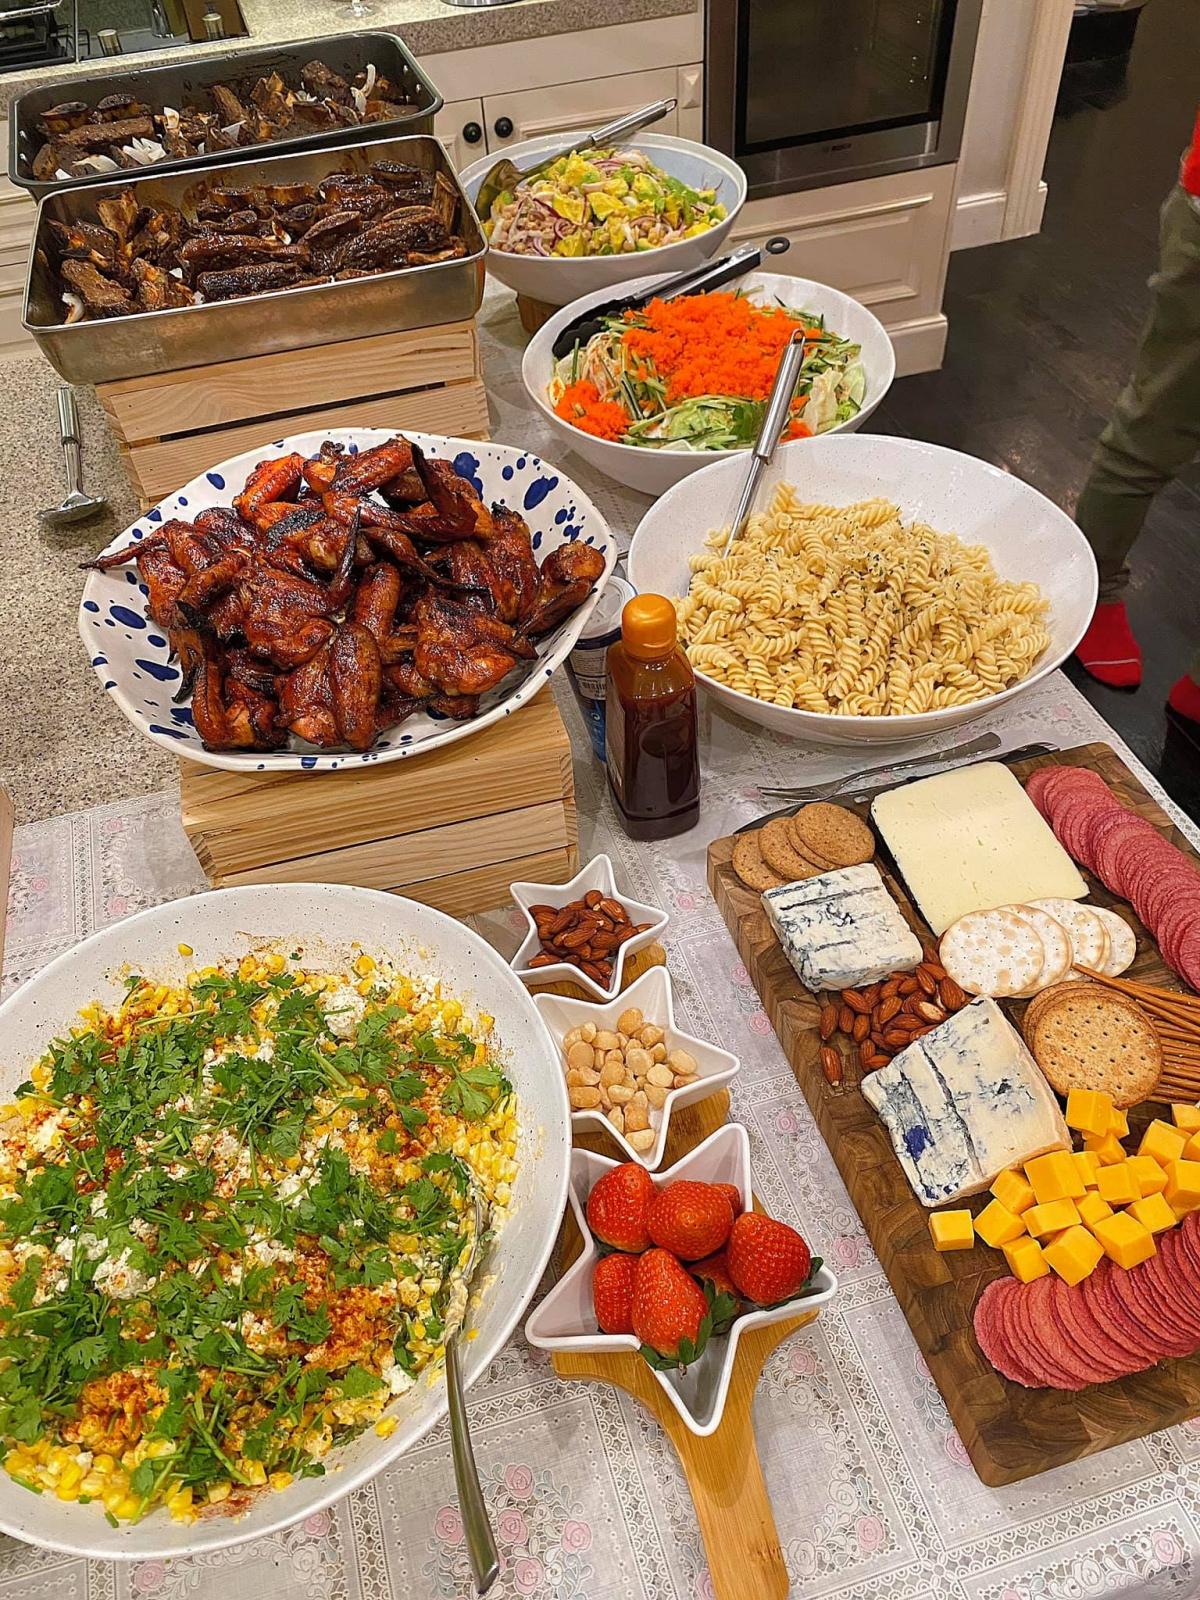 Vợ doanh nhân Louis Nguyễn chọn hai món thịt chính là gà và sườn nướng, ít mỡ, lại dễ ăn. Cánh gà ướp sốt bbq thấm vị, lớp da ươm mỡ trông hấp dẫn. Đối với món sườn, Hà Tăng dùng loại còn nguyên miếng xương, nhiều thịt, ướp rồi sau đó nướng bằng lò.